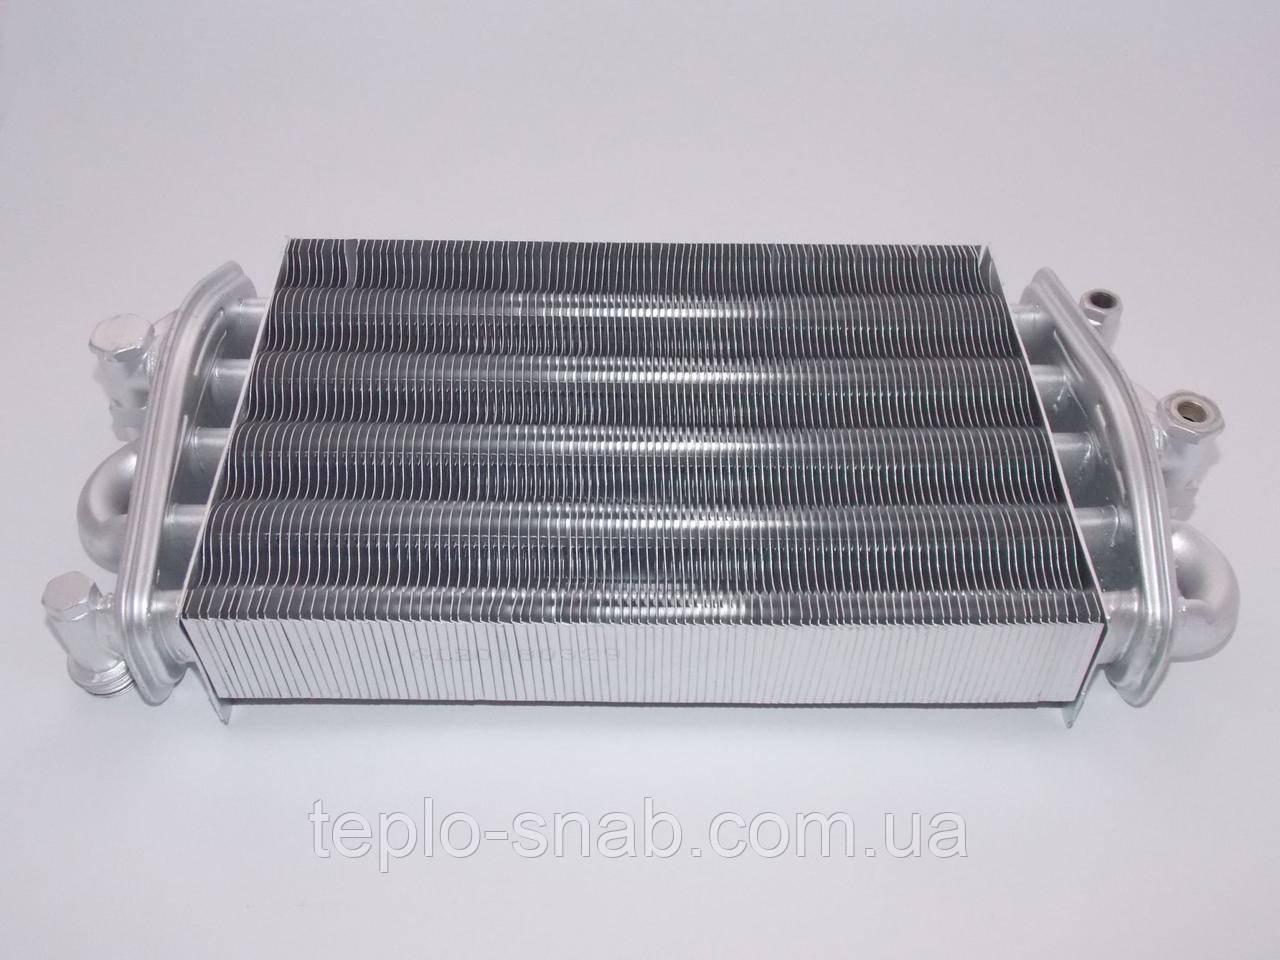 Теплооменник битермический (резьбовое подключение) газового котла Demrad Tayros ВК 124, НК 124. 3001020005